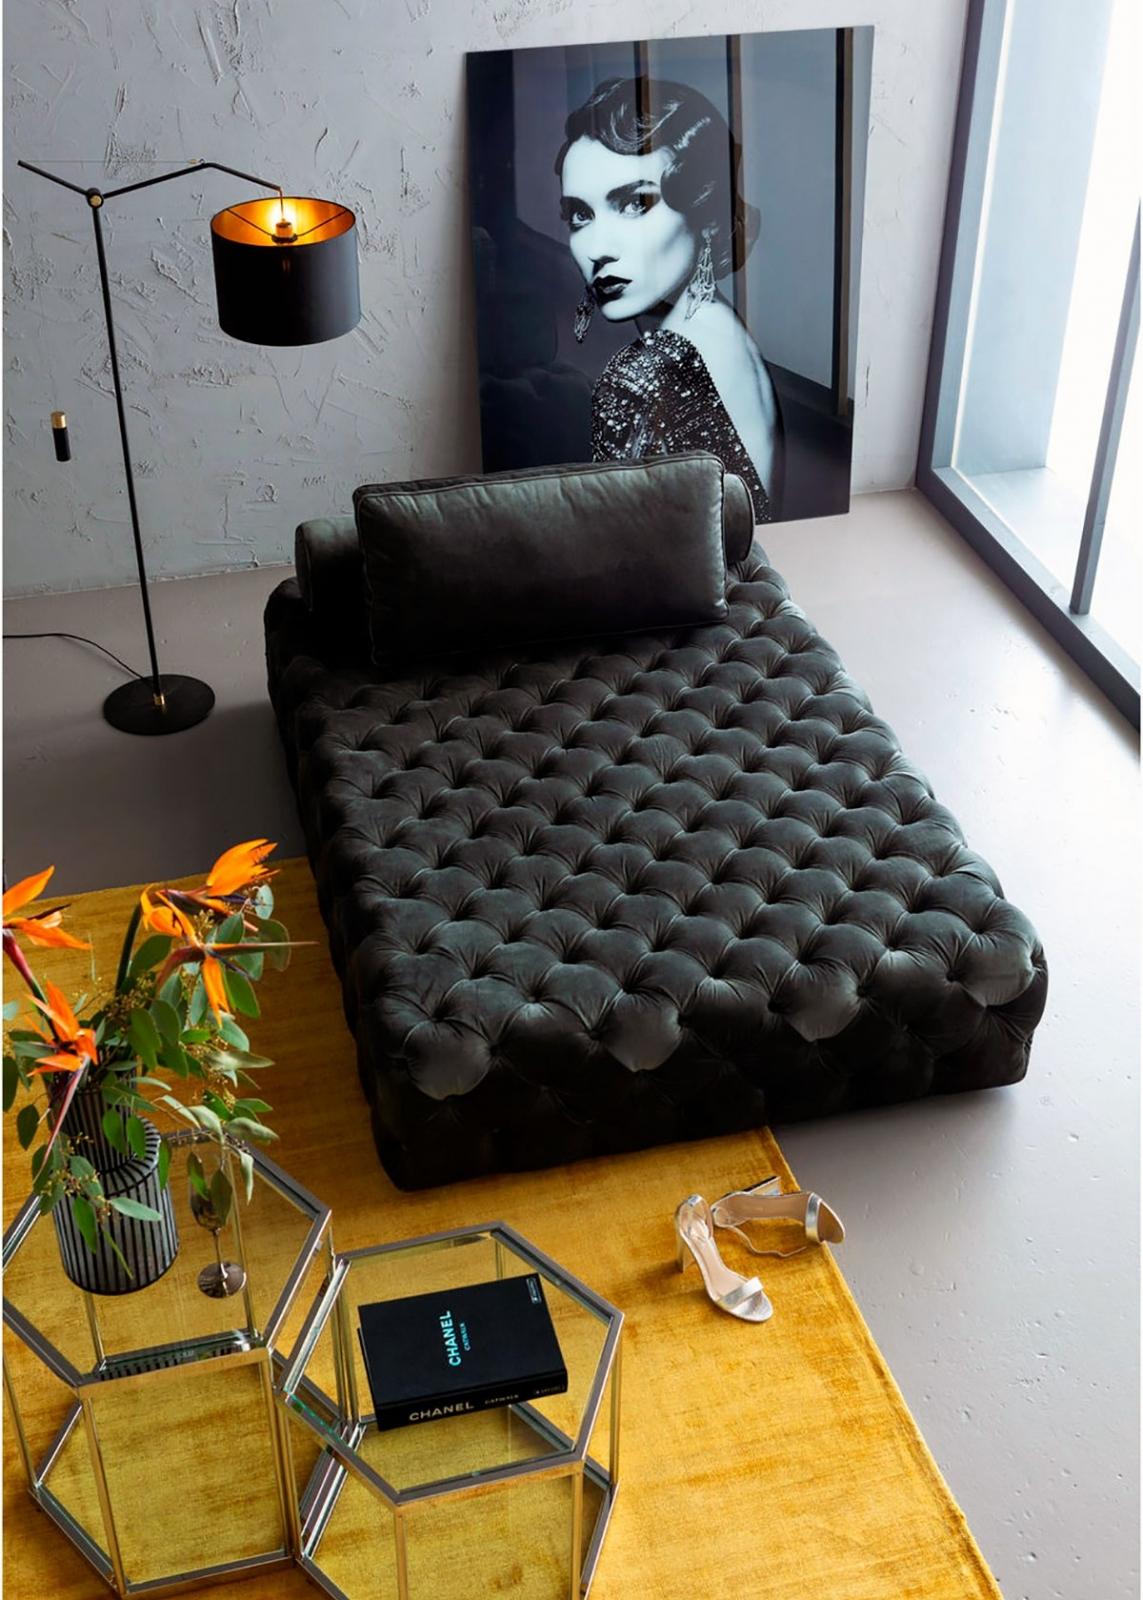 Роскошная зона отдыха: бескомпромиссные цвета, модные формы и стильный декор